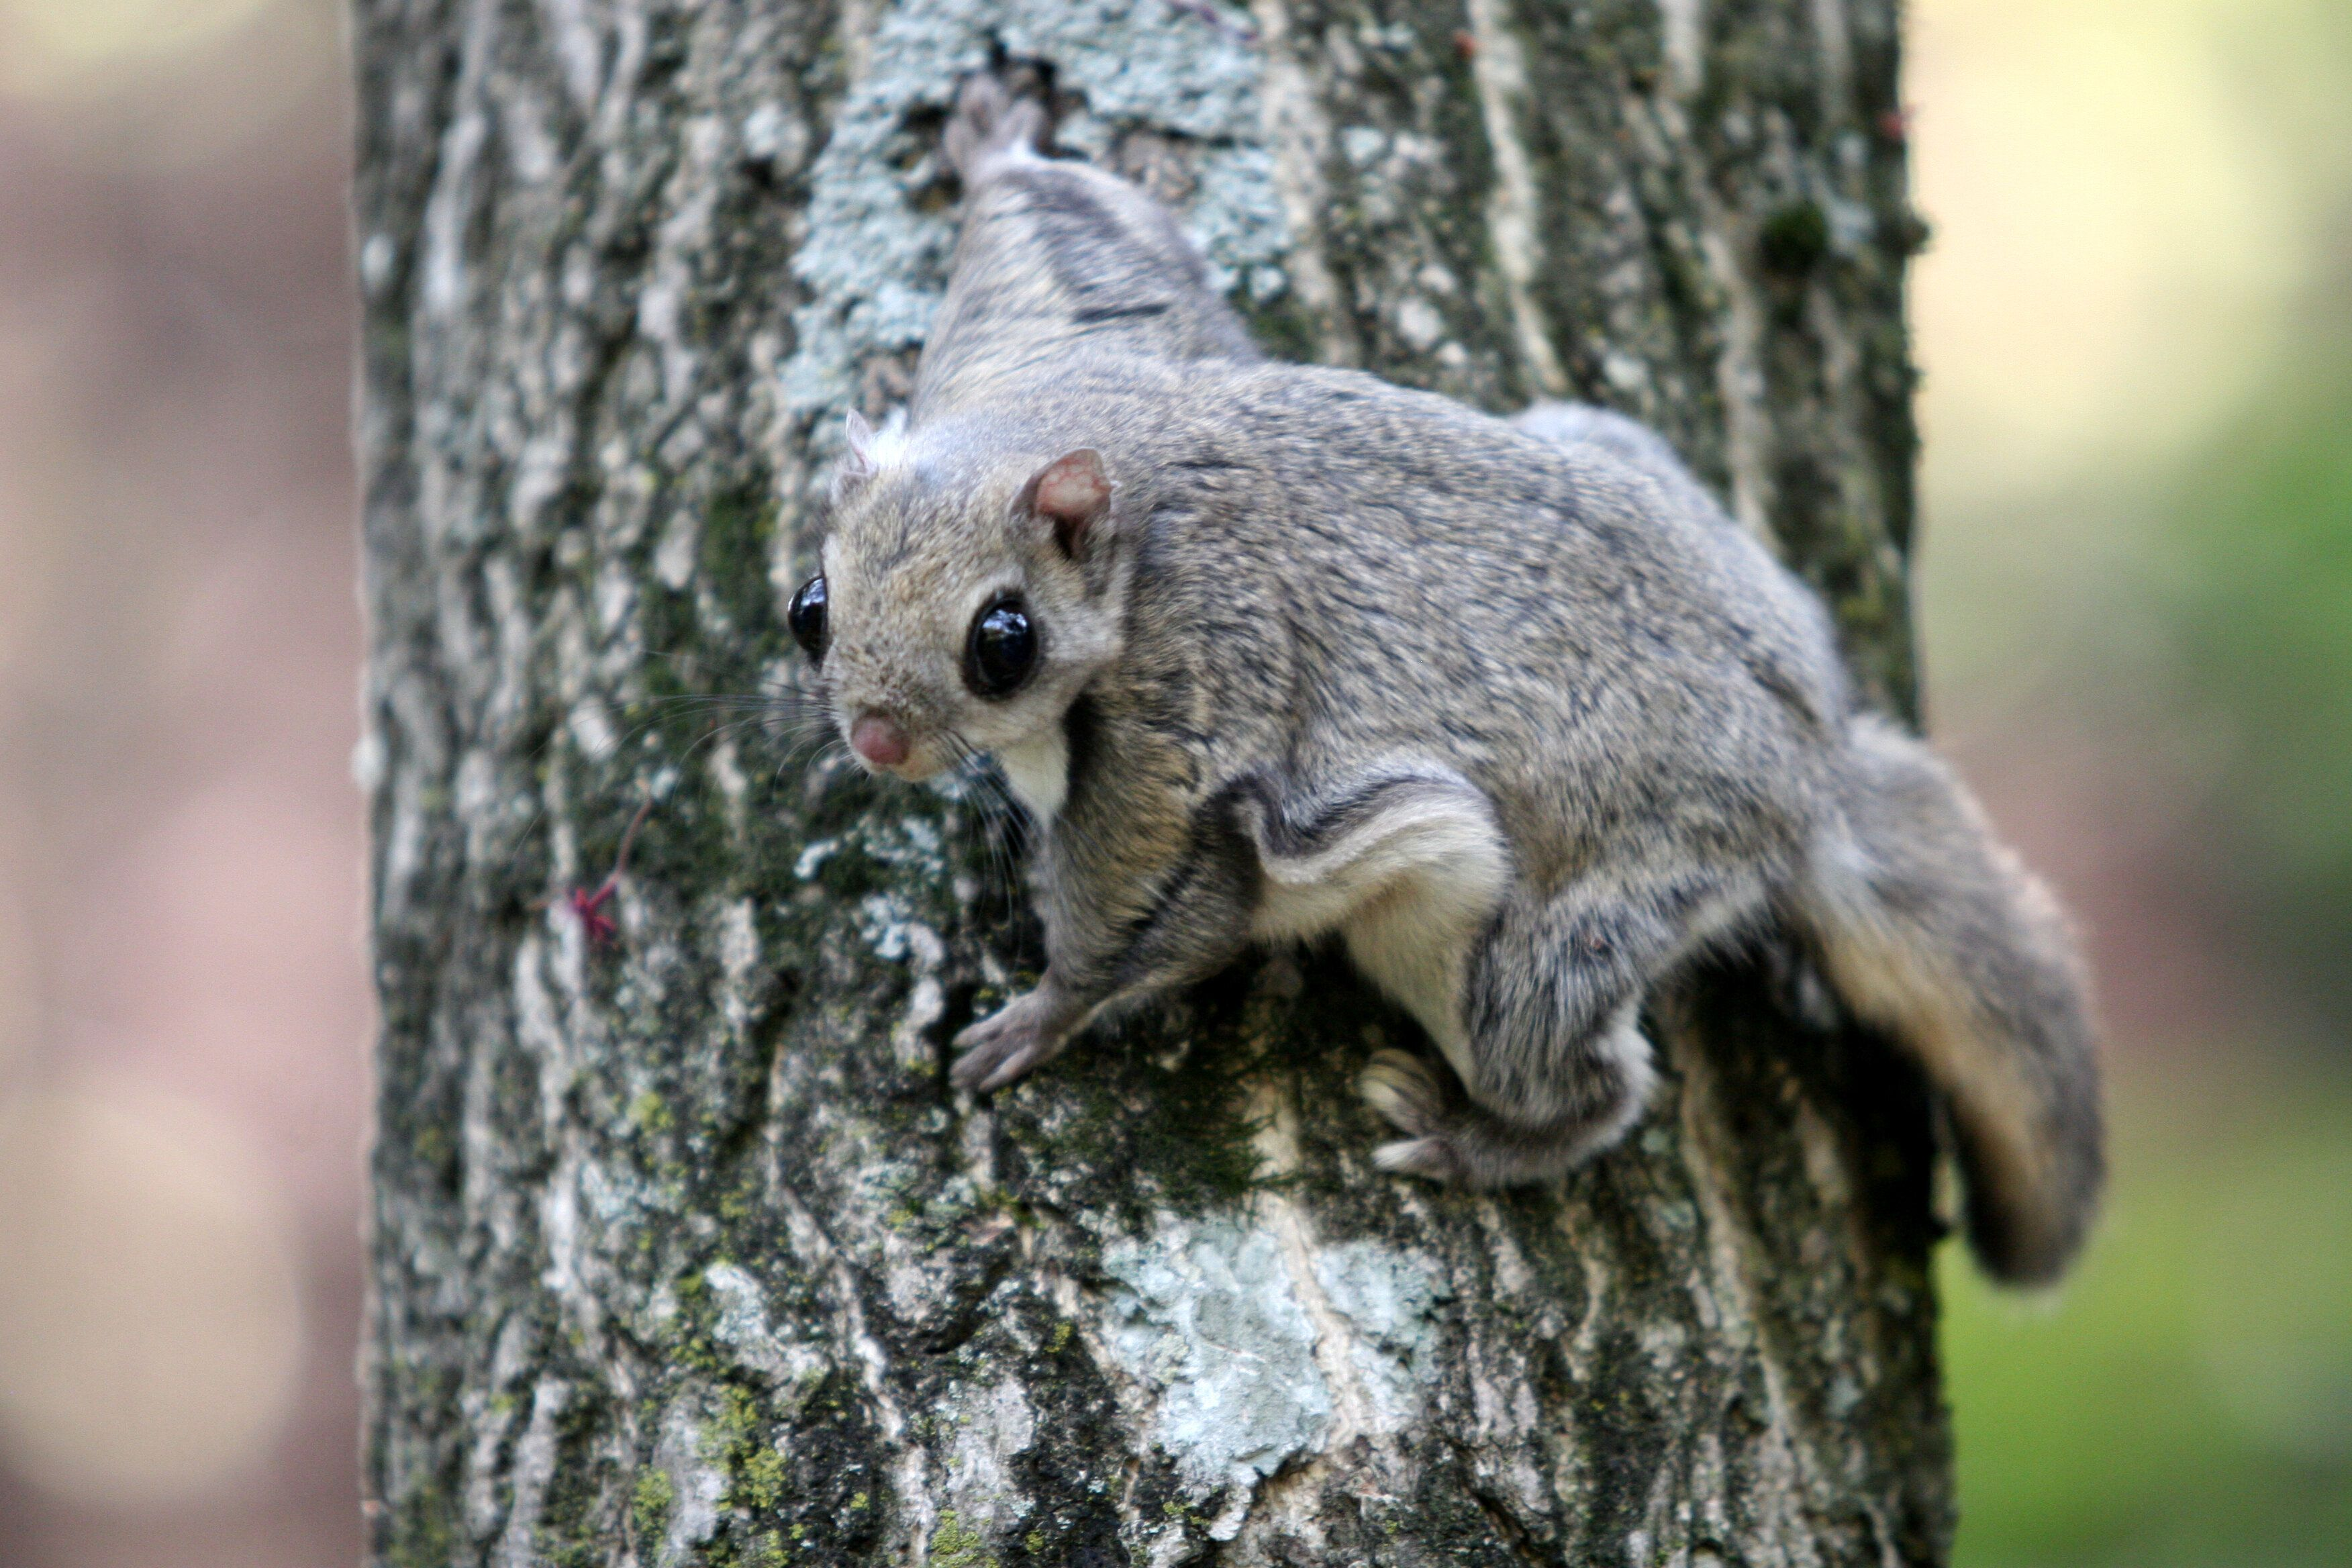 지리산의 새끼 하늘다람쥐들이 부산의 통신업체에서 발견된